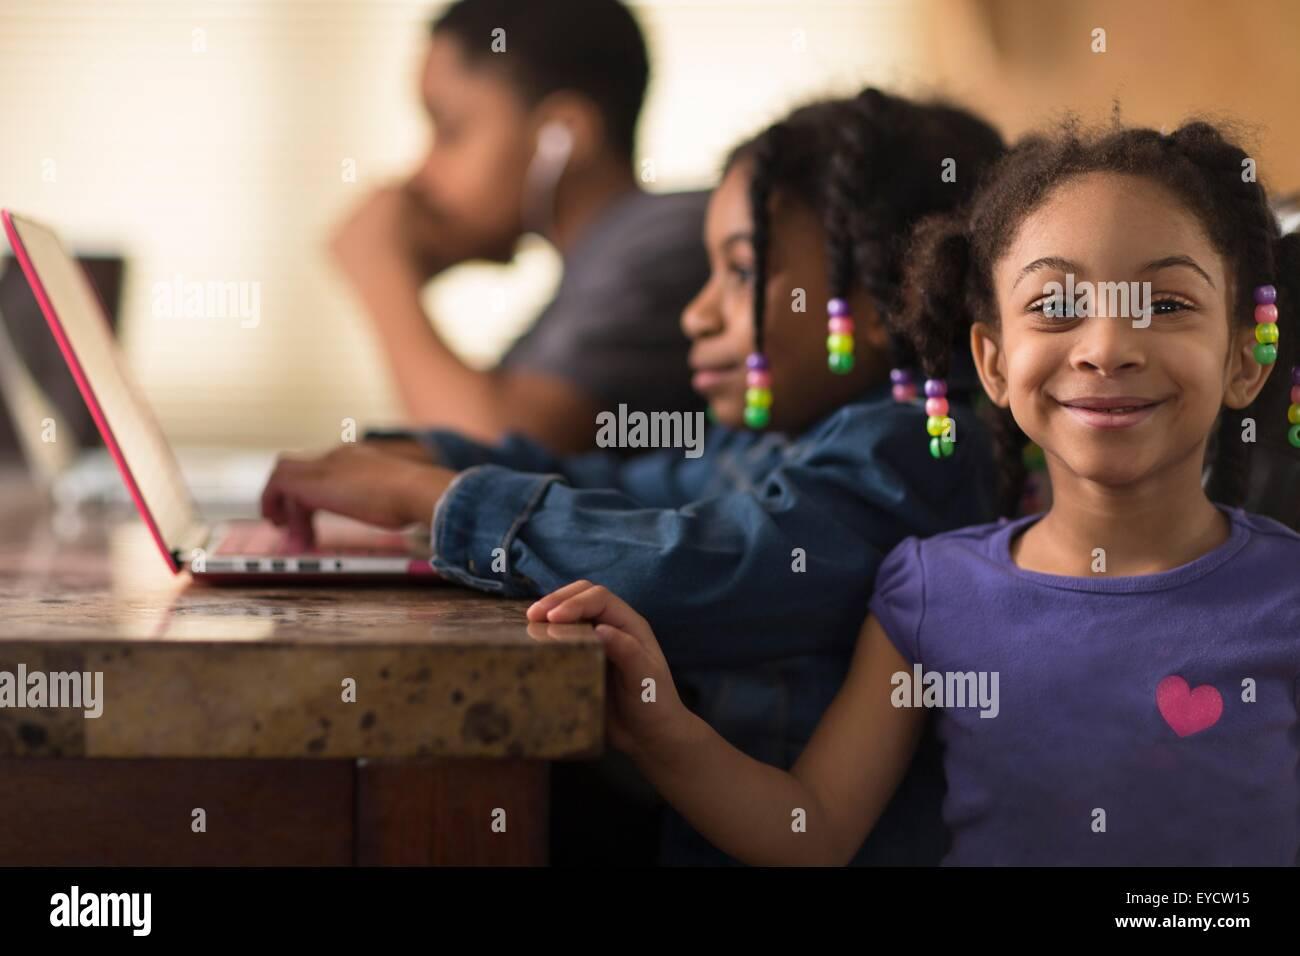 Portrait de jeune fille à une table à manger et ses frères et sœurs à l'aide d'ordinateurs Photo Stock